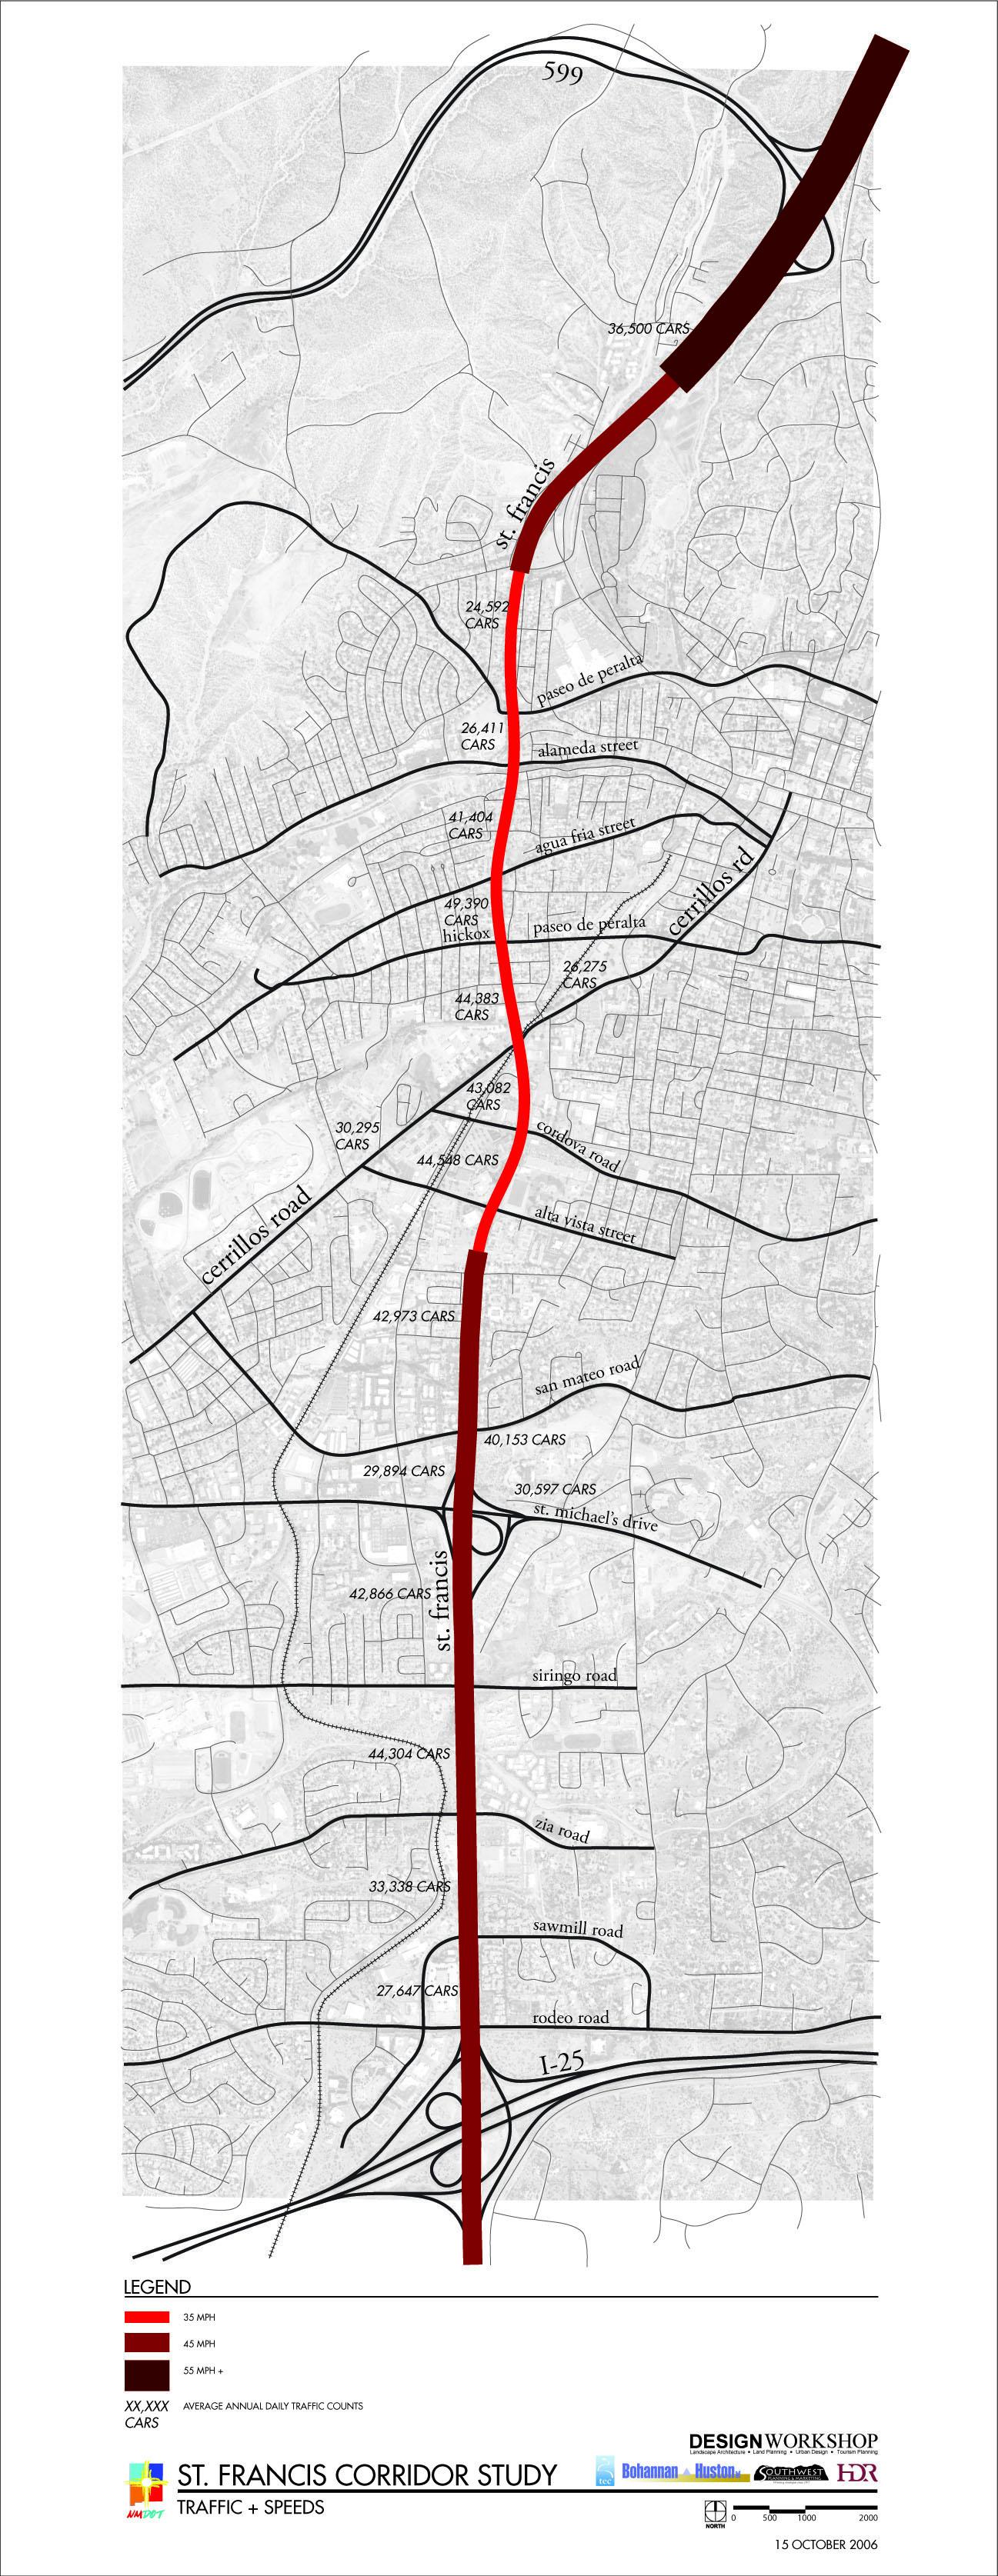 sfc_diagrams_traffic.jpg